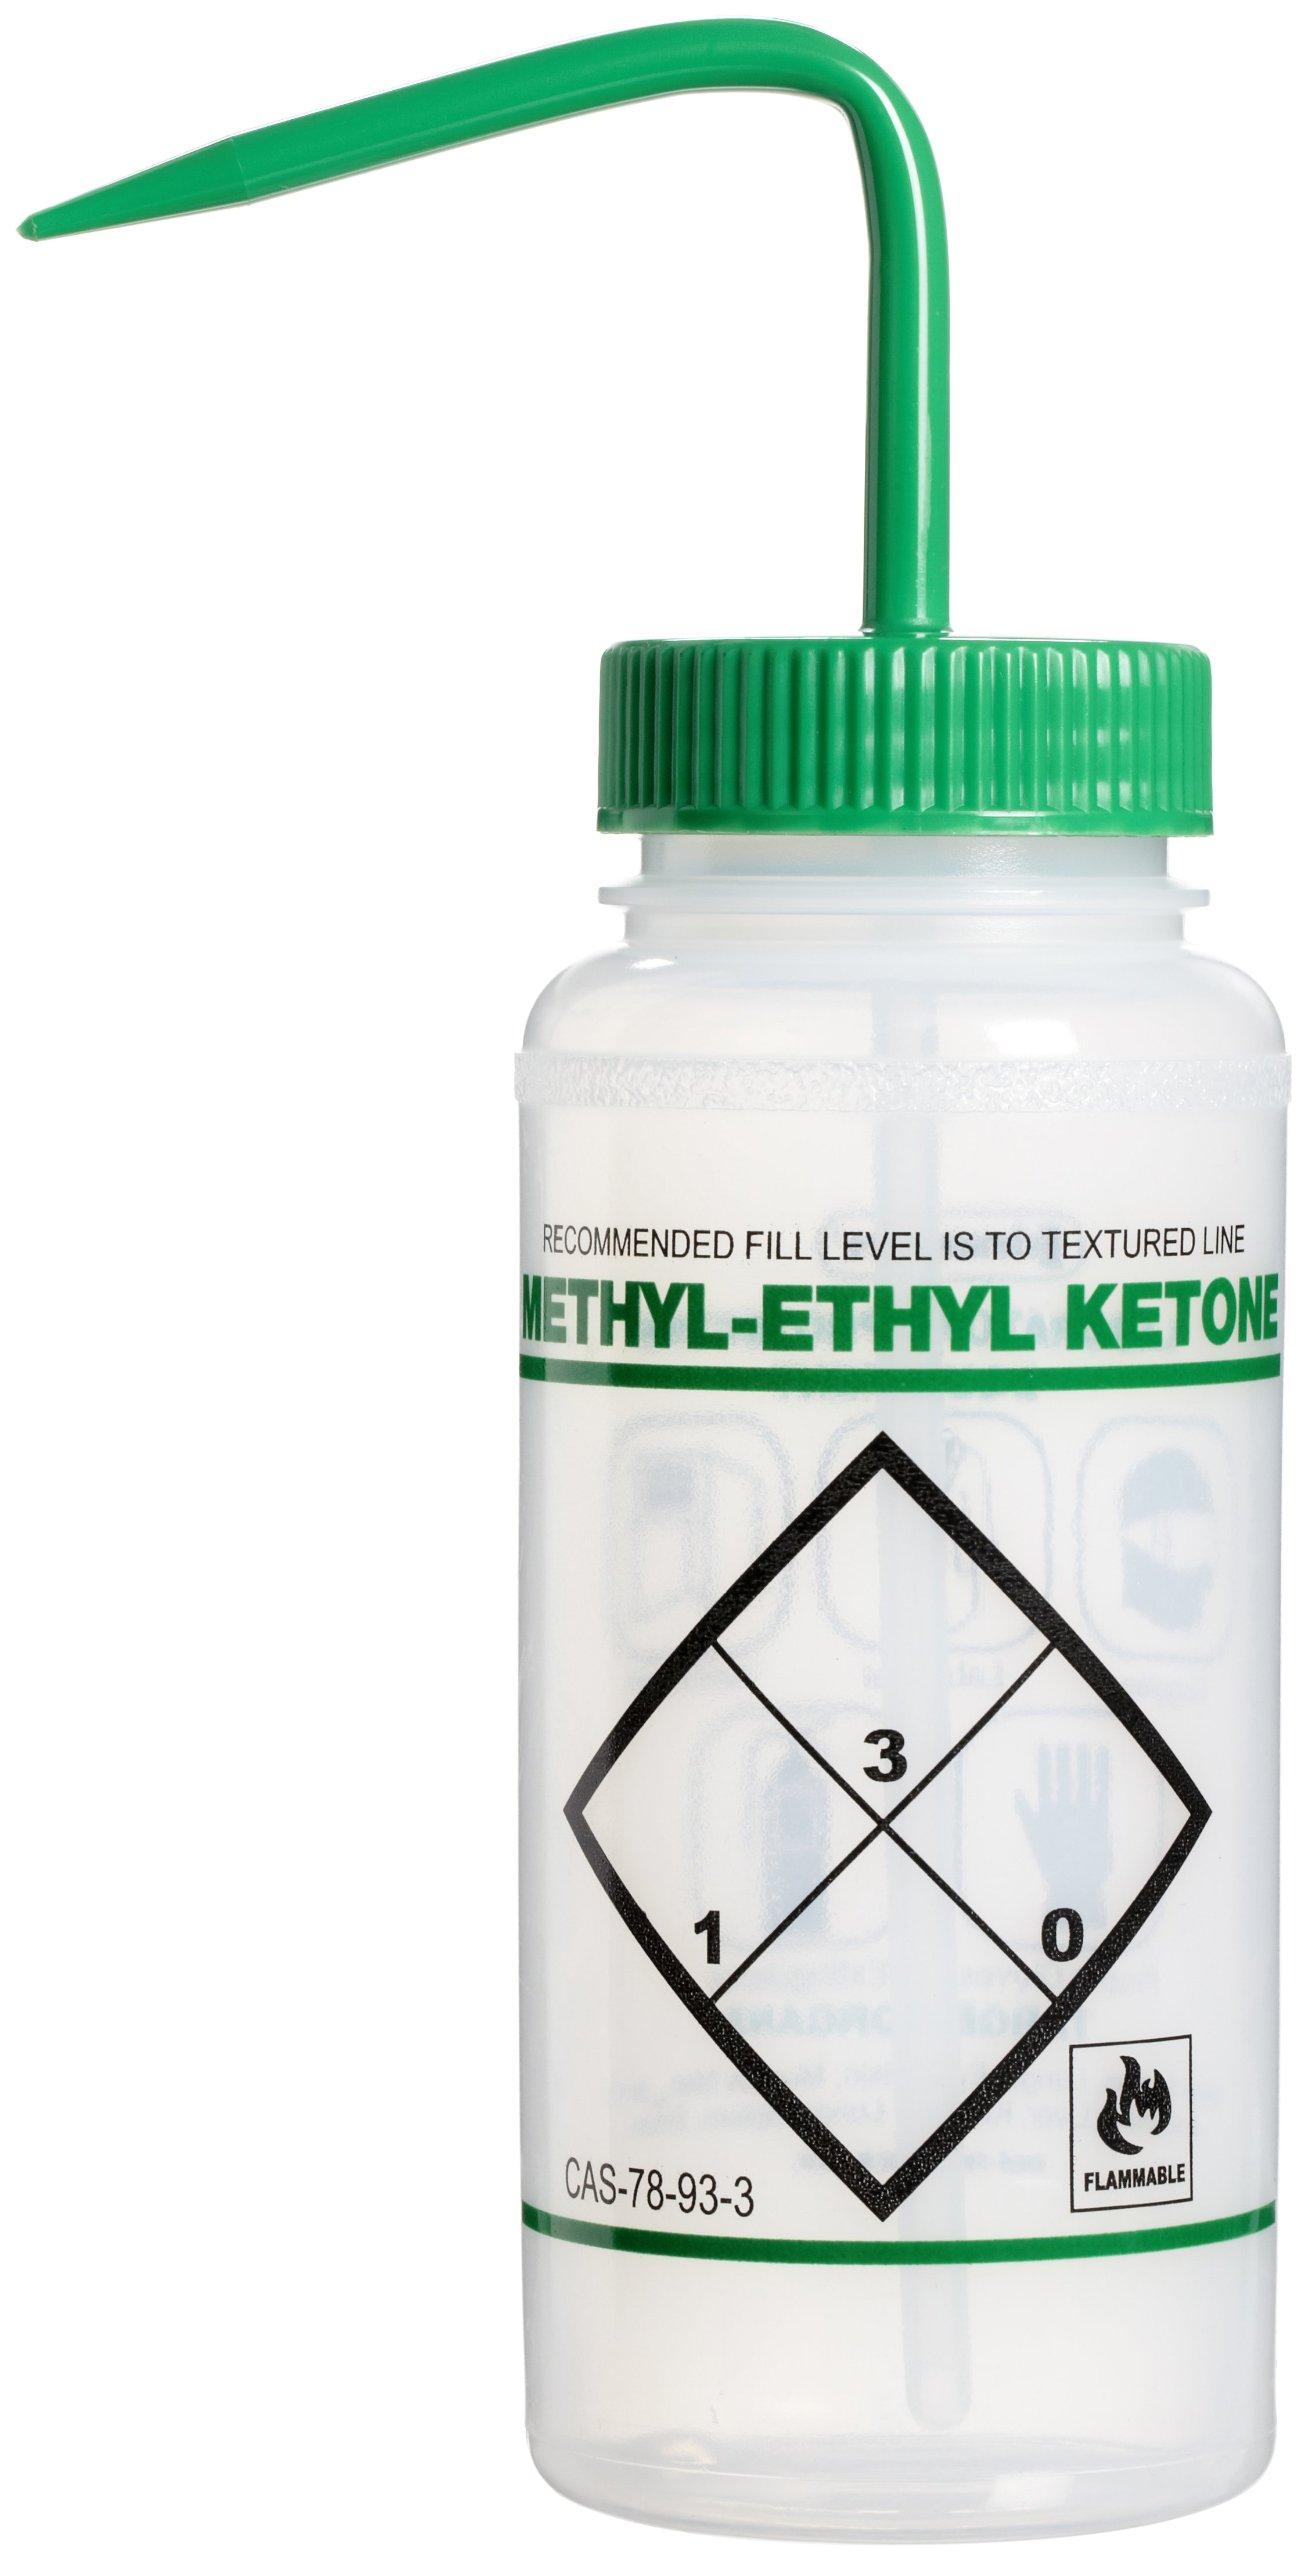 Bel-Art Safety-Labeled 2-Color Methyl Ethyl Ketone Wide-Mouth Wash Bottles; 500ml (16oz), Polyethylene w/Green Polypropylene Cap (Pack of 6) (F11646-0611)